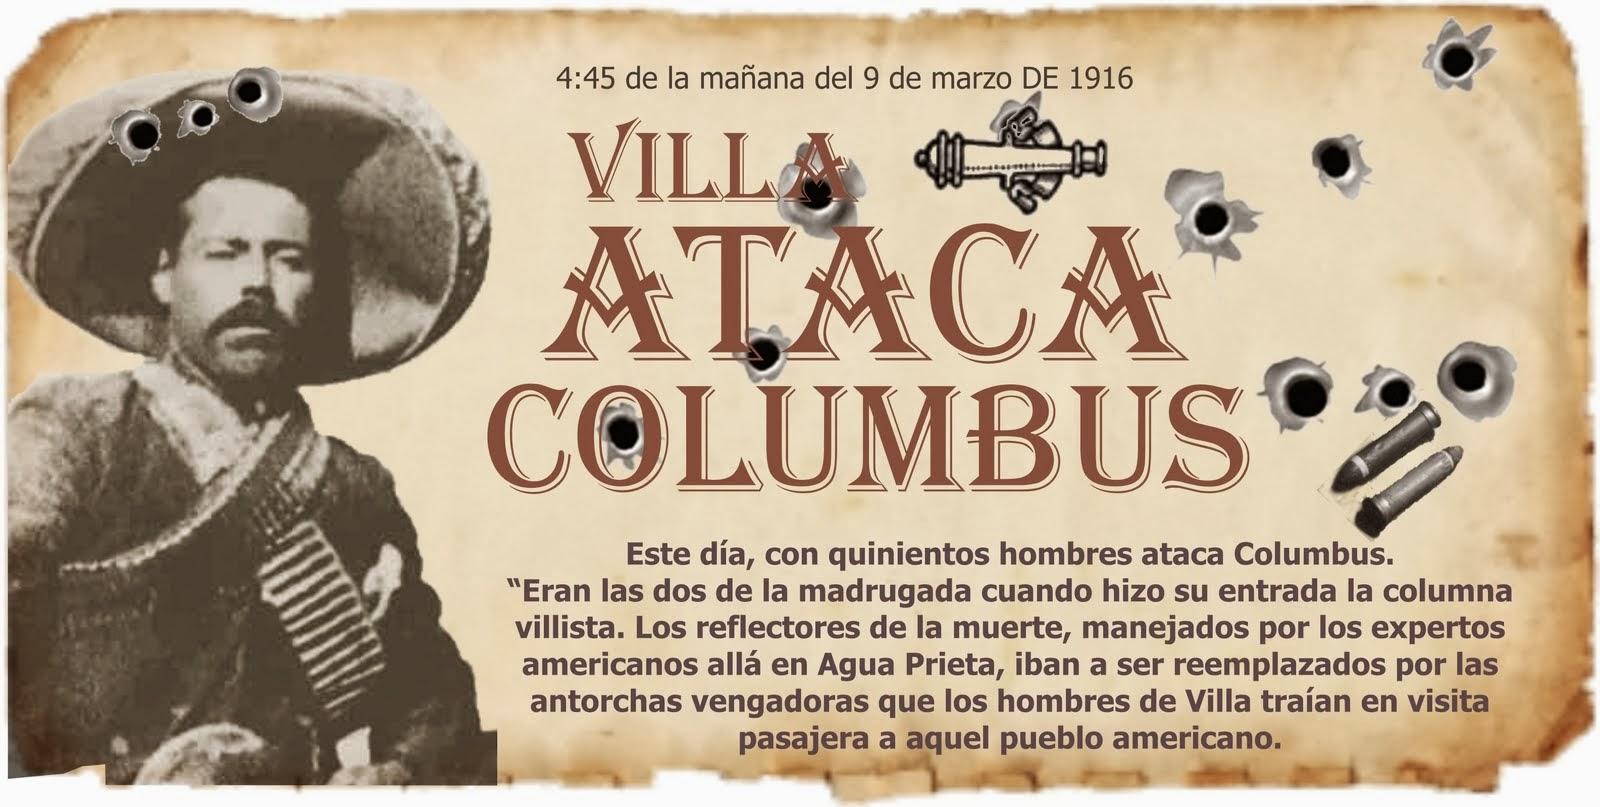 Invasión a Columbus